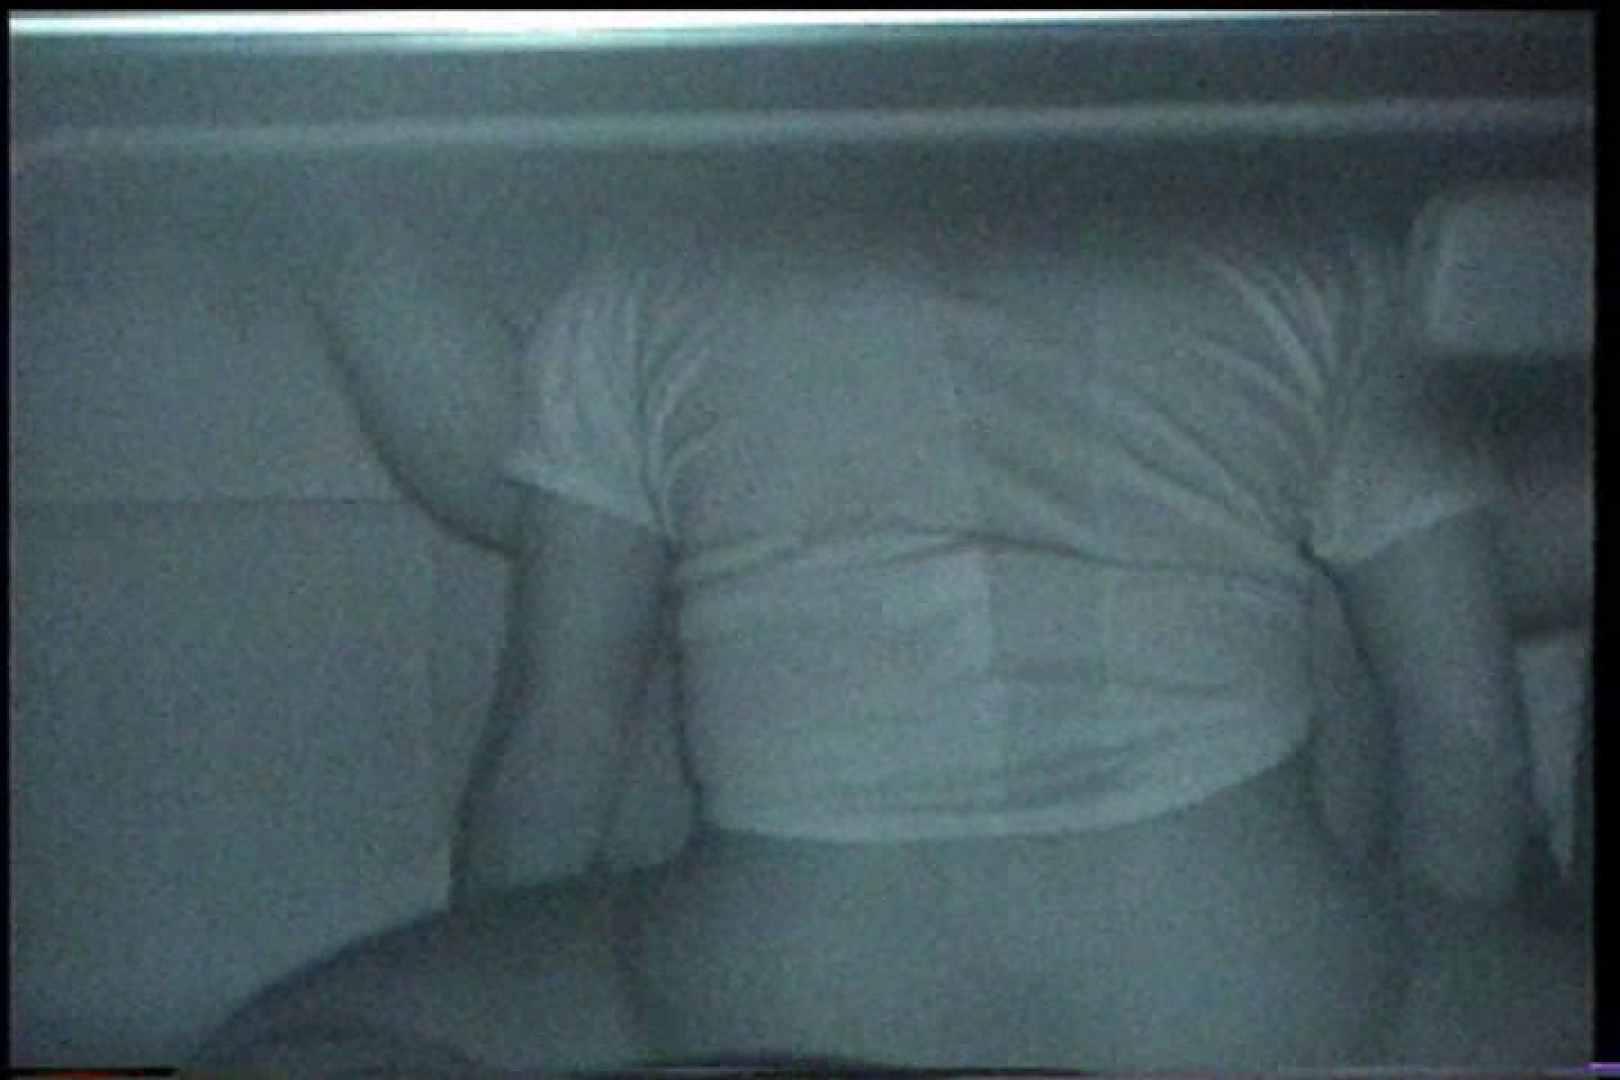 充血監督の深夜の運動会Vol.197 おまんこ無修正 おめこ無修正画像 77pic 62